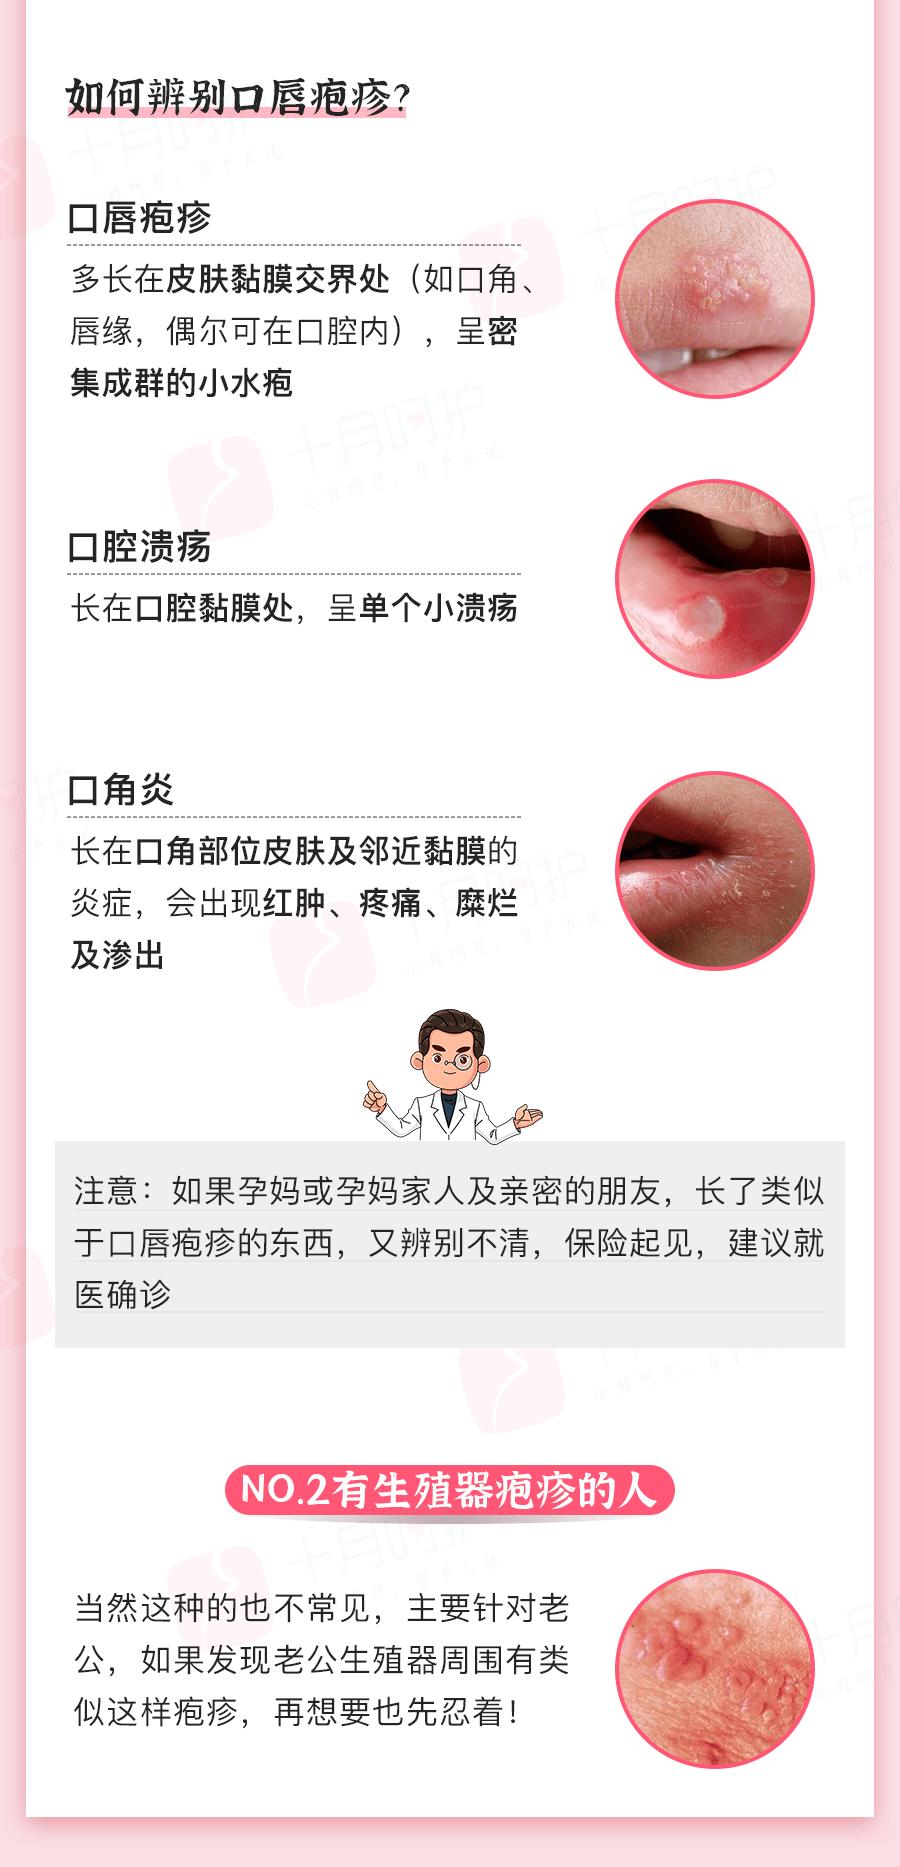 嘴上起泡是病毒感染,比HPV还危险!这个动作孕妈千万别做,会致畸